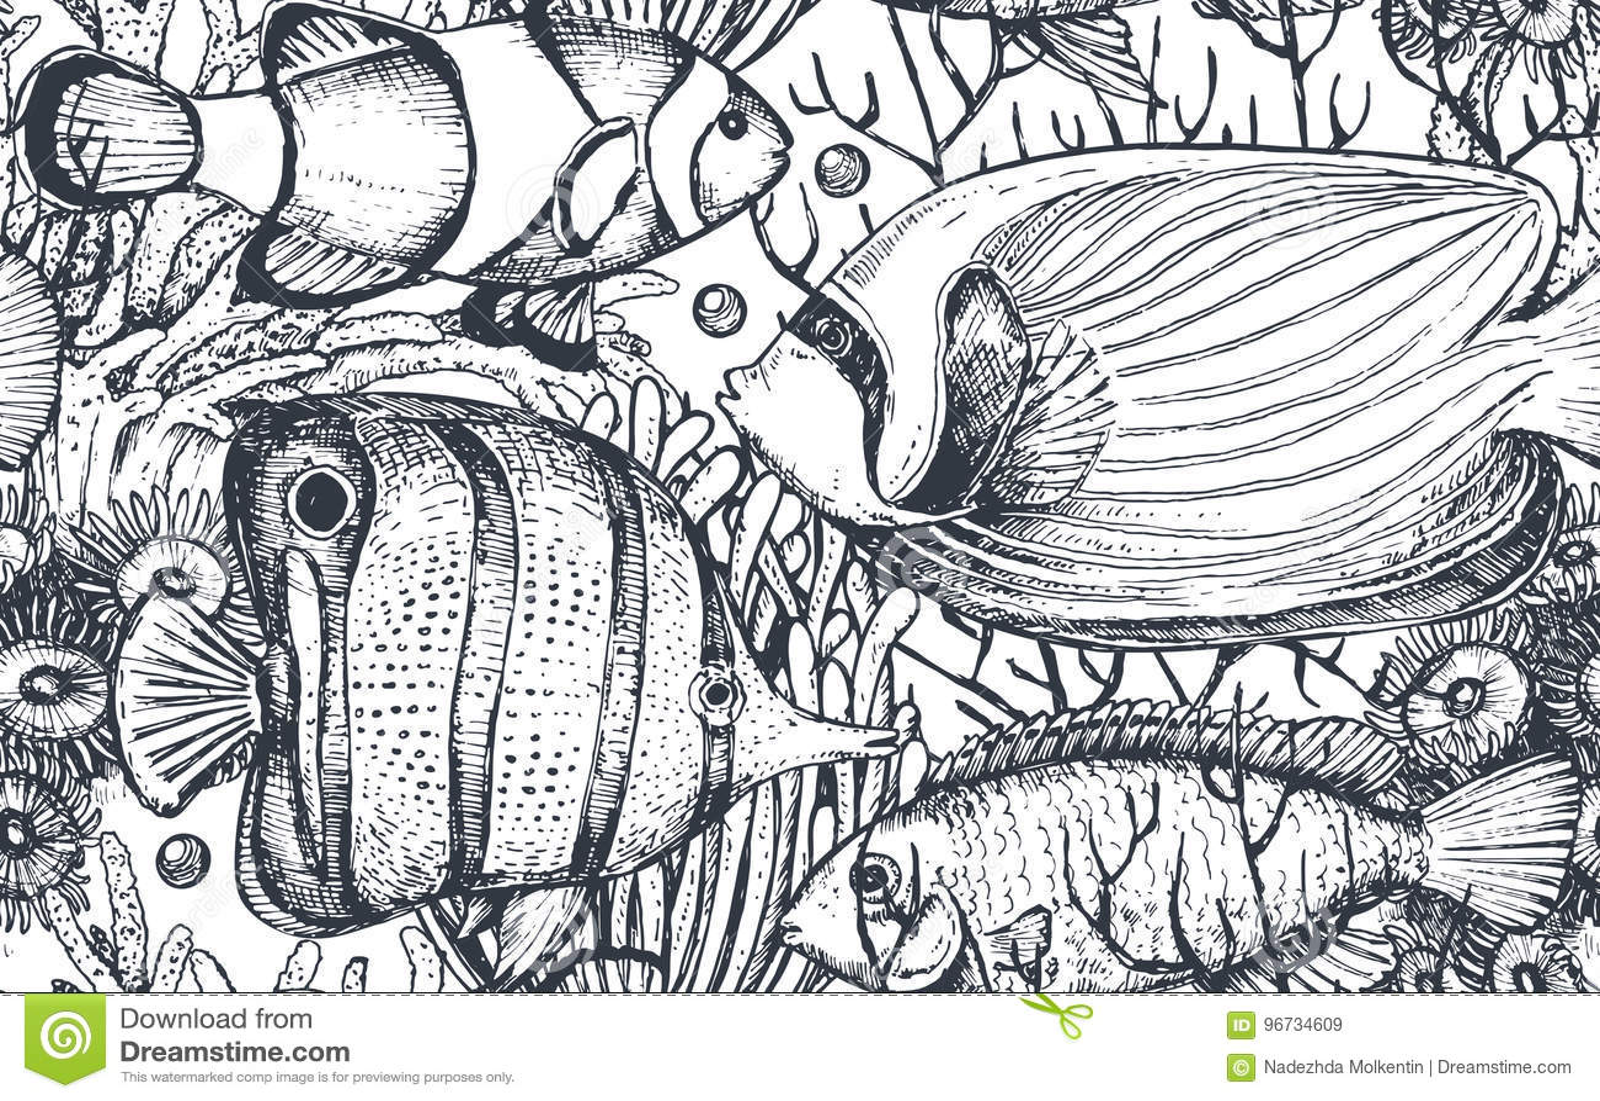 导航与热带鱼,海藻,珊瑚的单色无缝的海样式